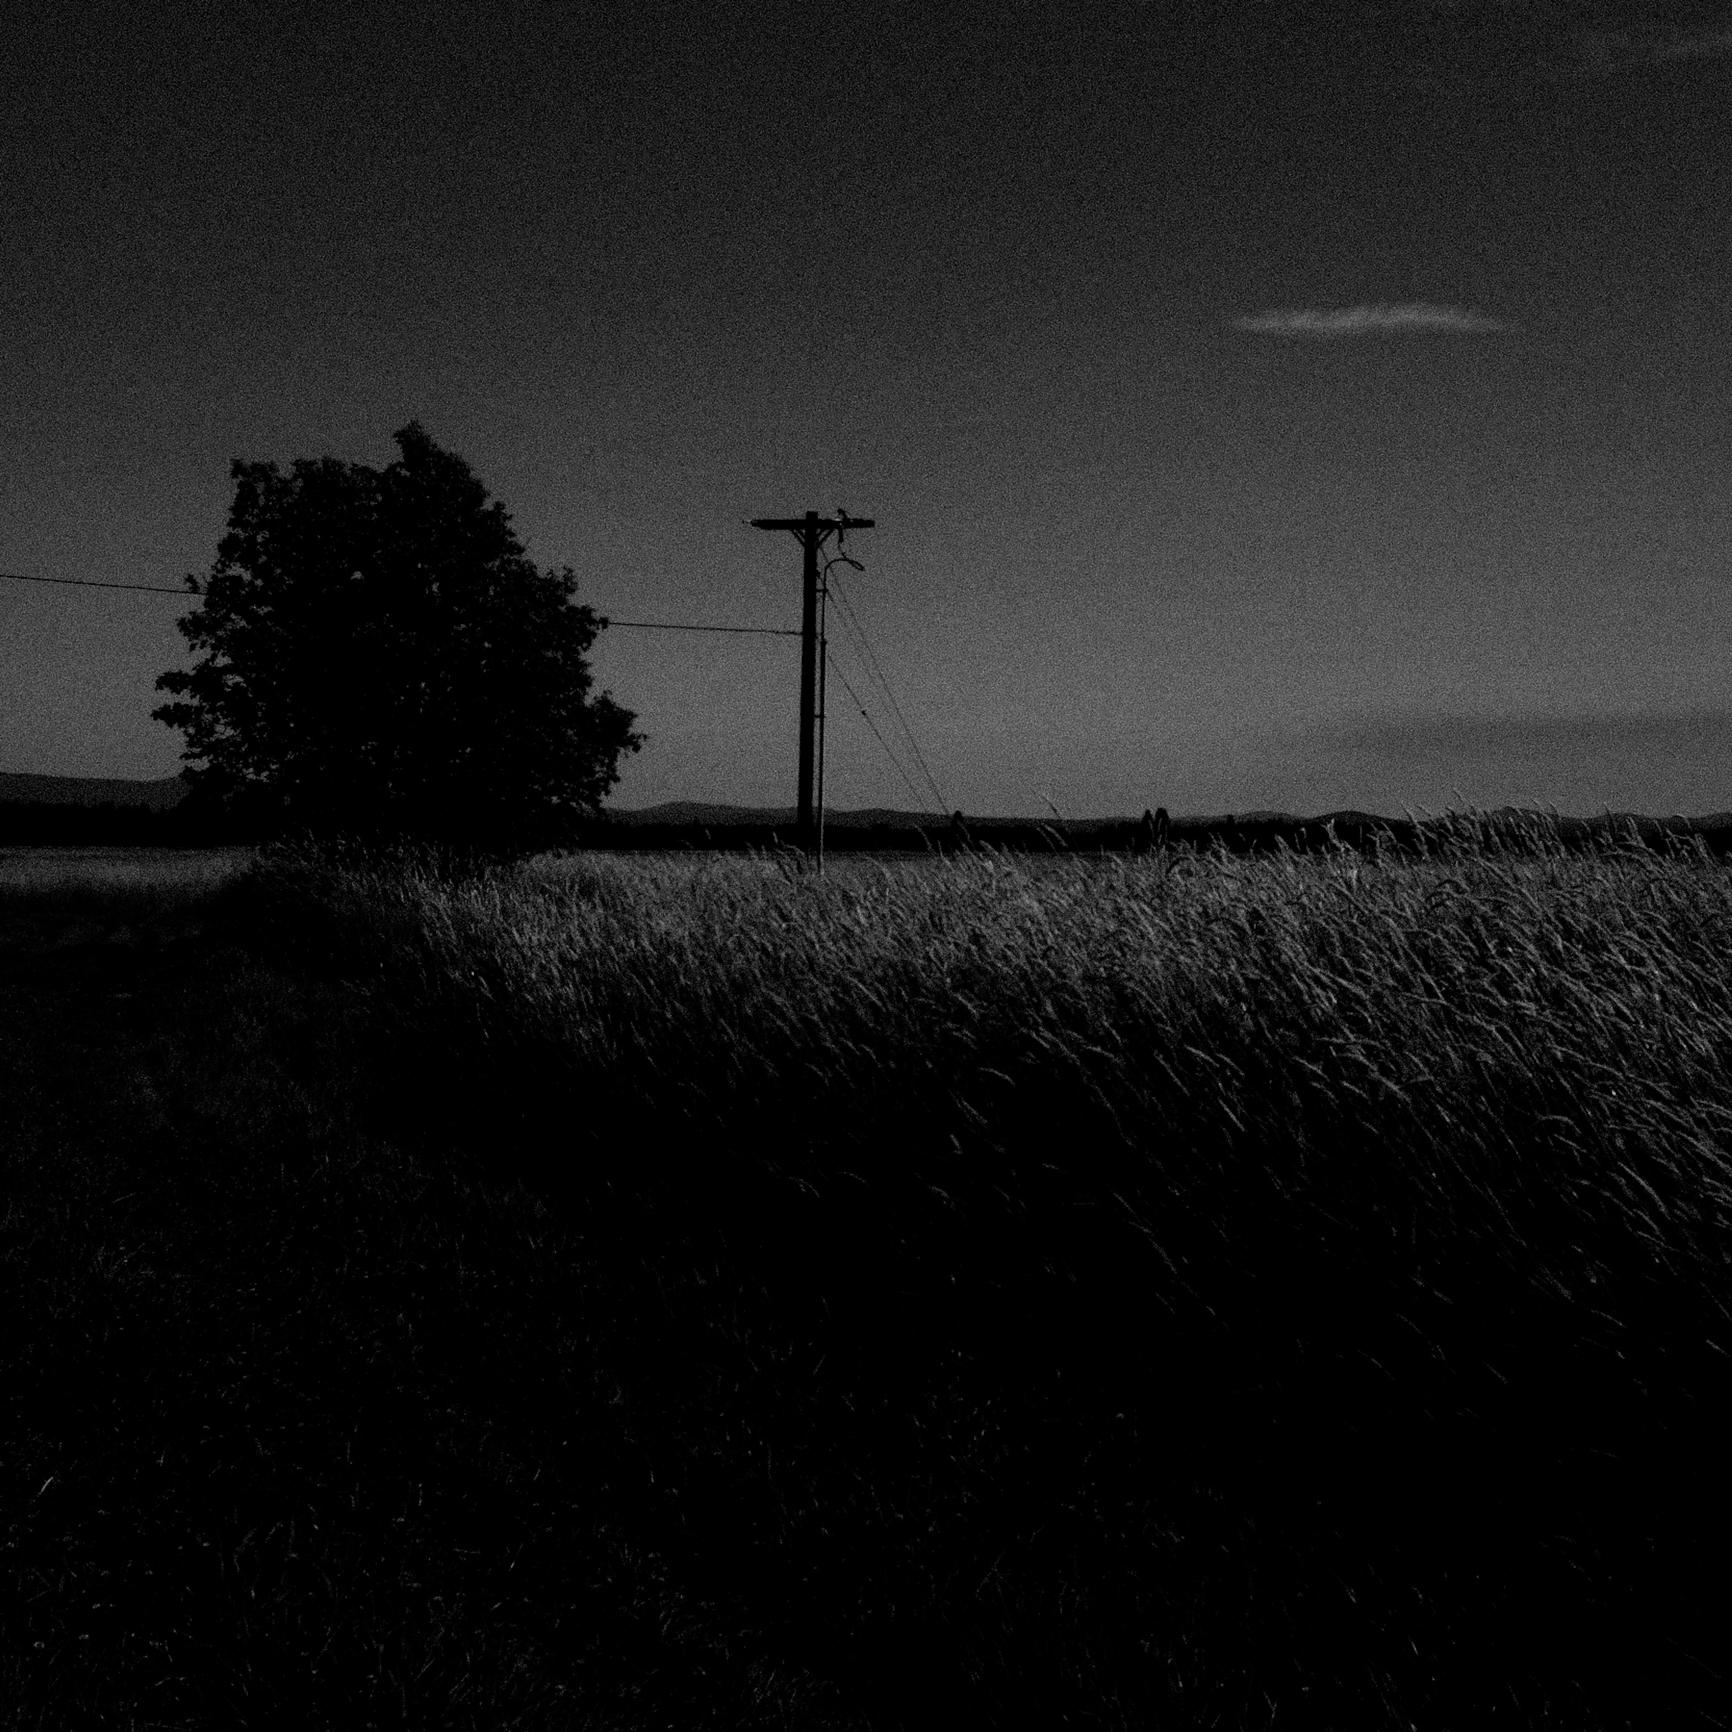 rural telephone pole